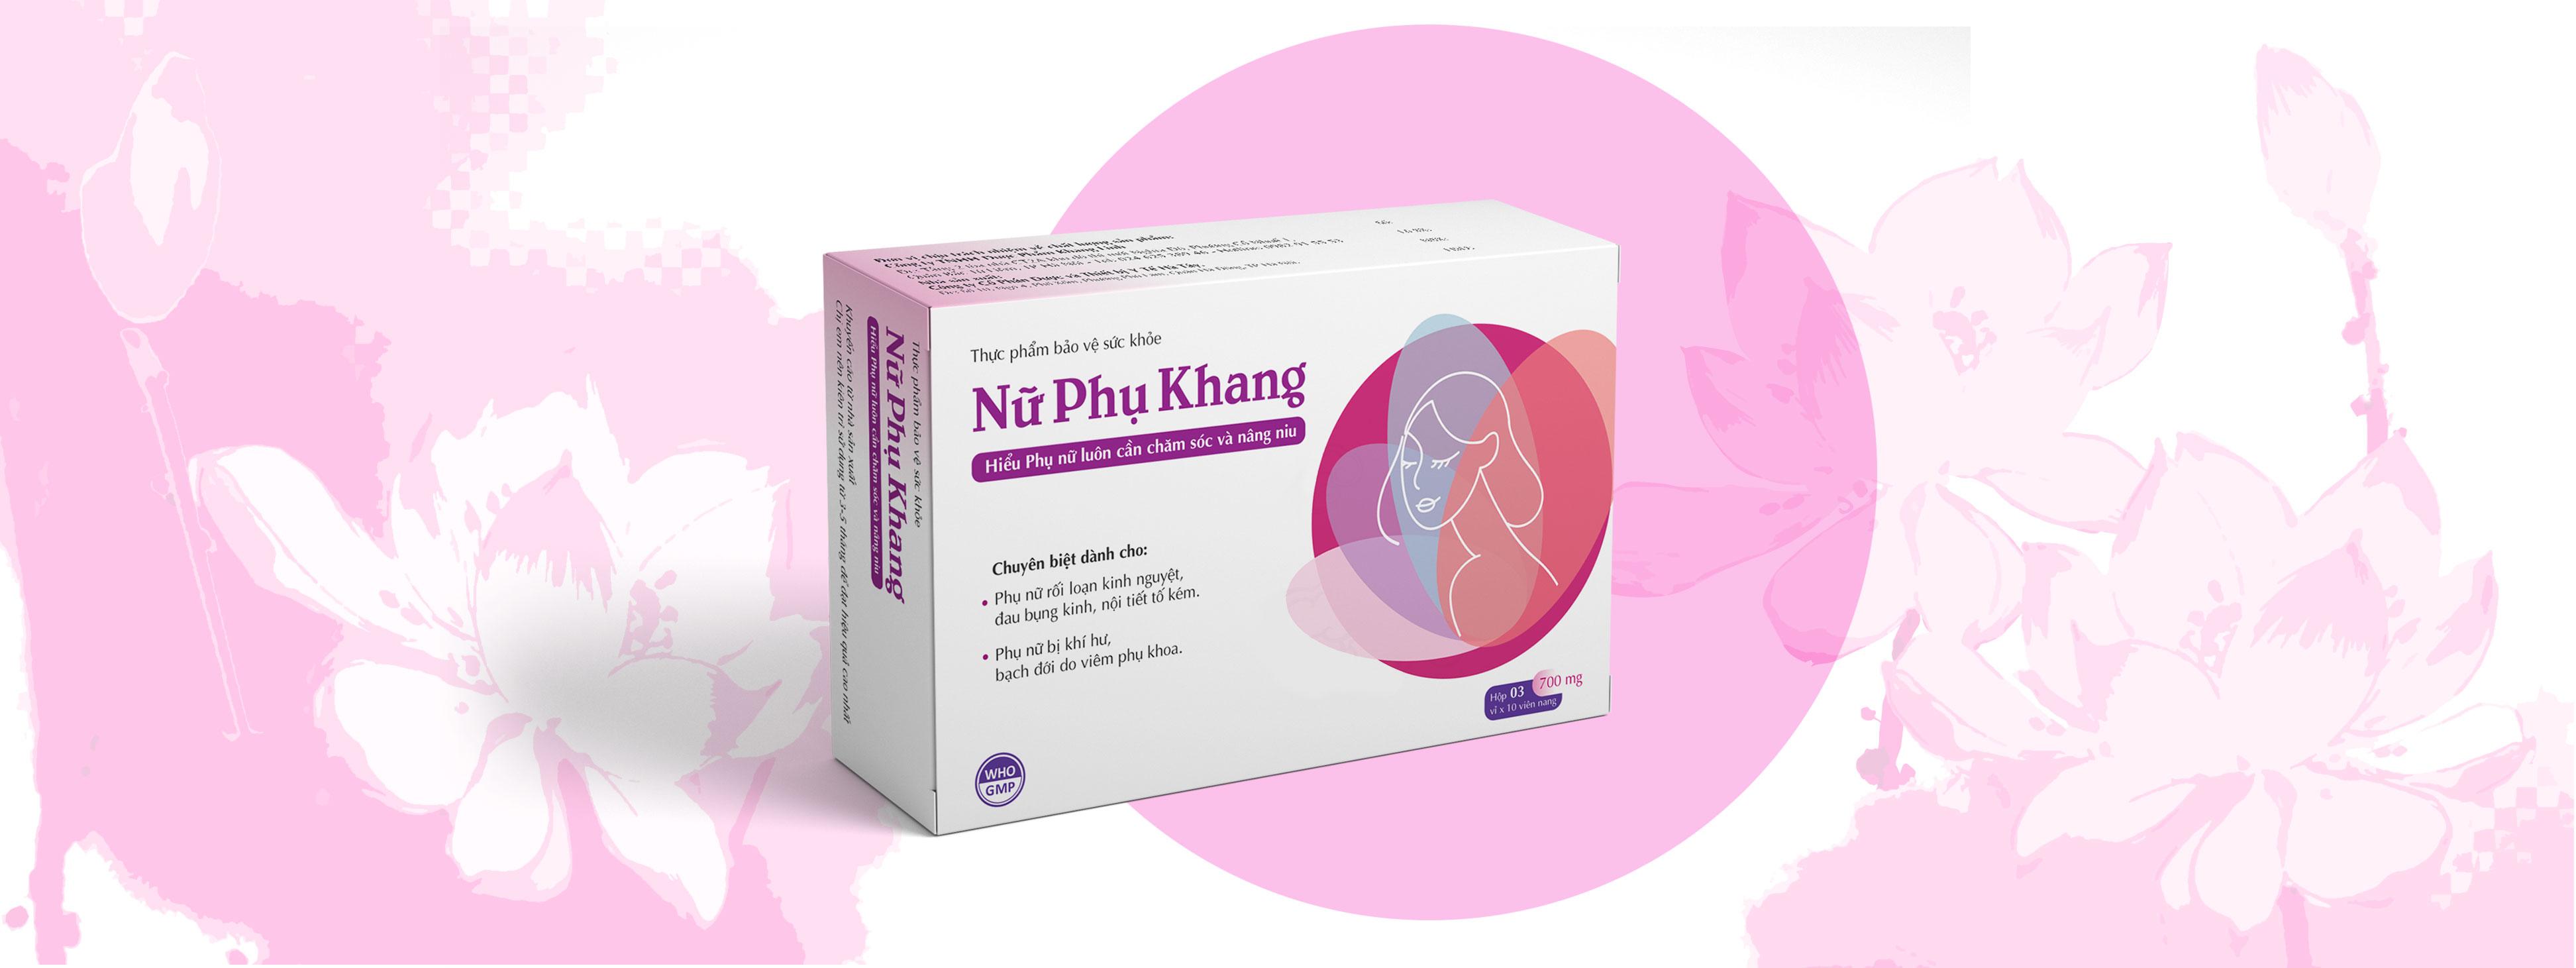 nuphukhang.com